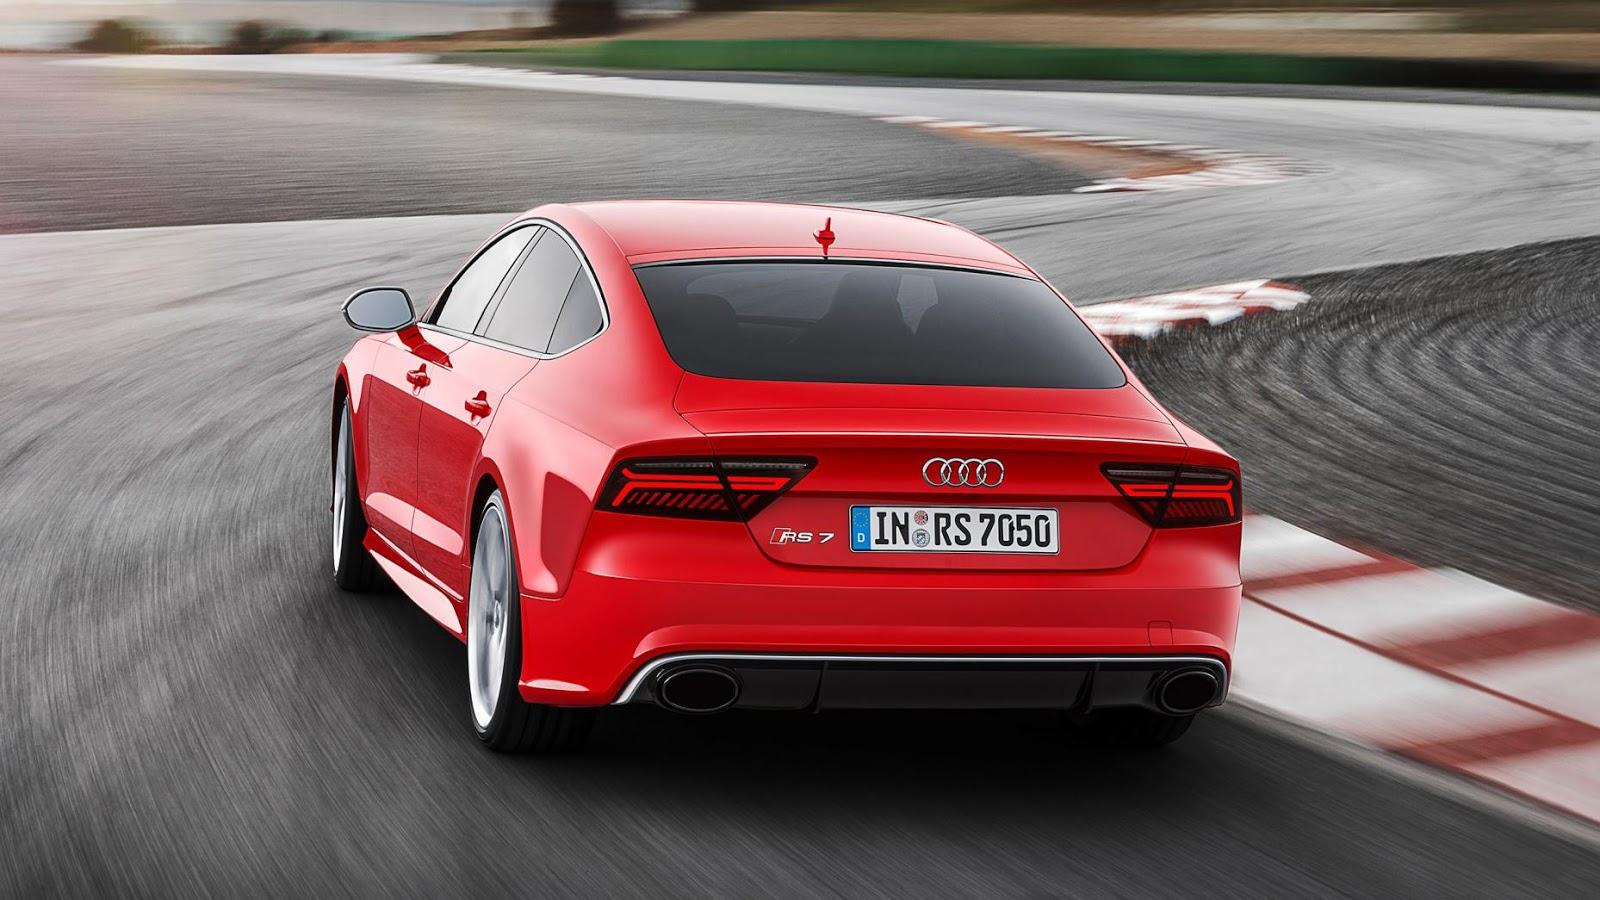 Audi RS7 Performance - tăng tốc từ 0 - 100 km/h trong 3.7secs